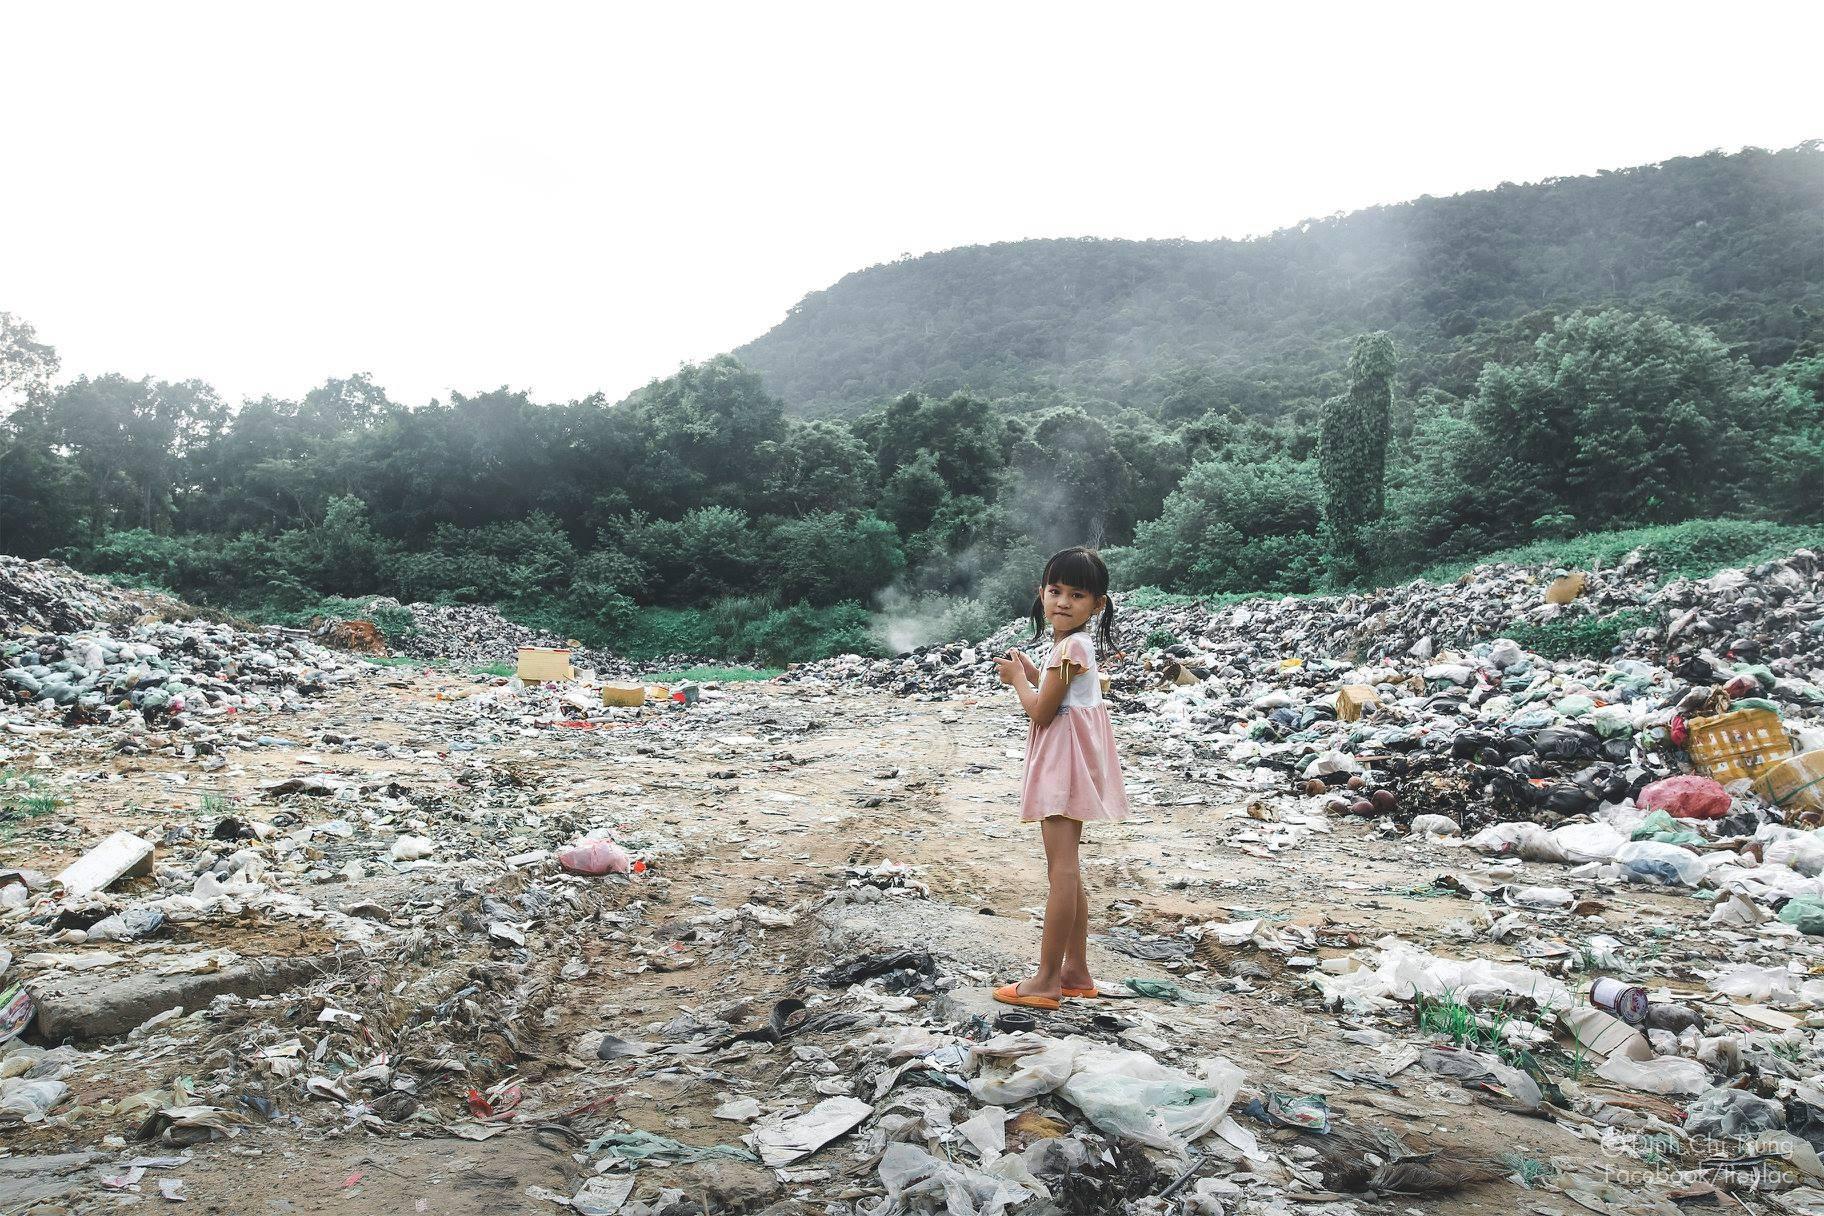 Chuyện của cô bé 9 tuổi sống ở bãi rác Phú Quốc và chàng kỹ sư nông nghiệp đi khắp đất nước kể chuyện trẻ thơ - Ảnh 1.